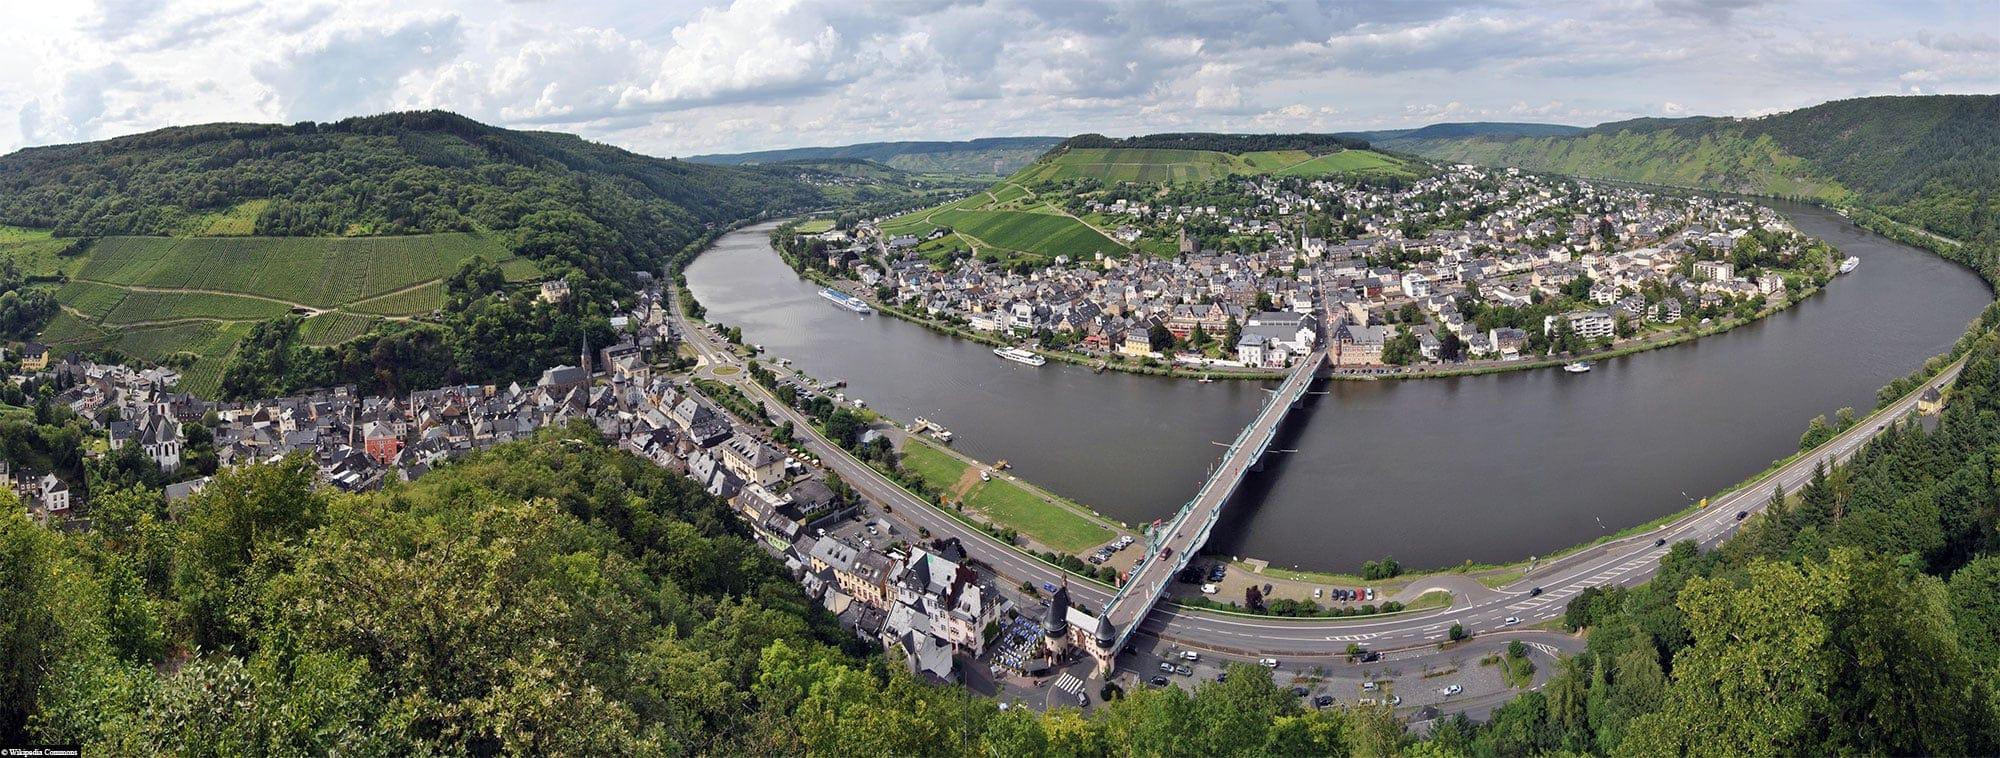 Traben-Trabach, Mosel, Panoramabild, Deutschland, Reisebericht